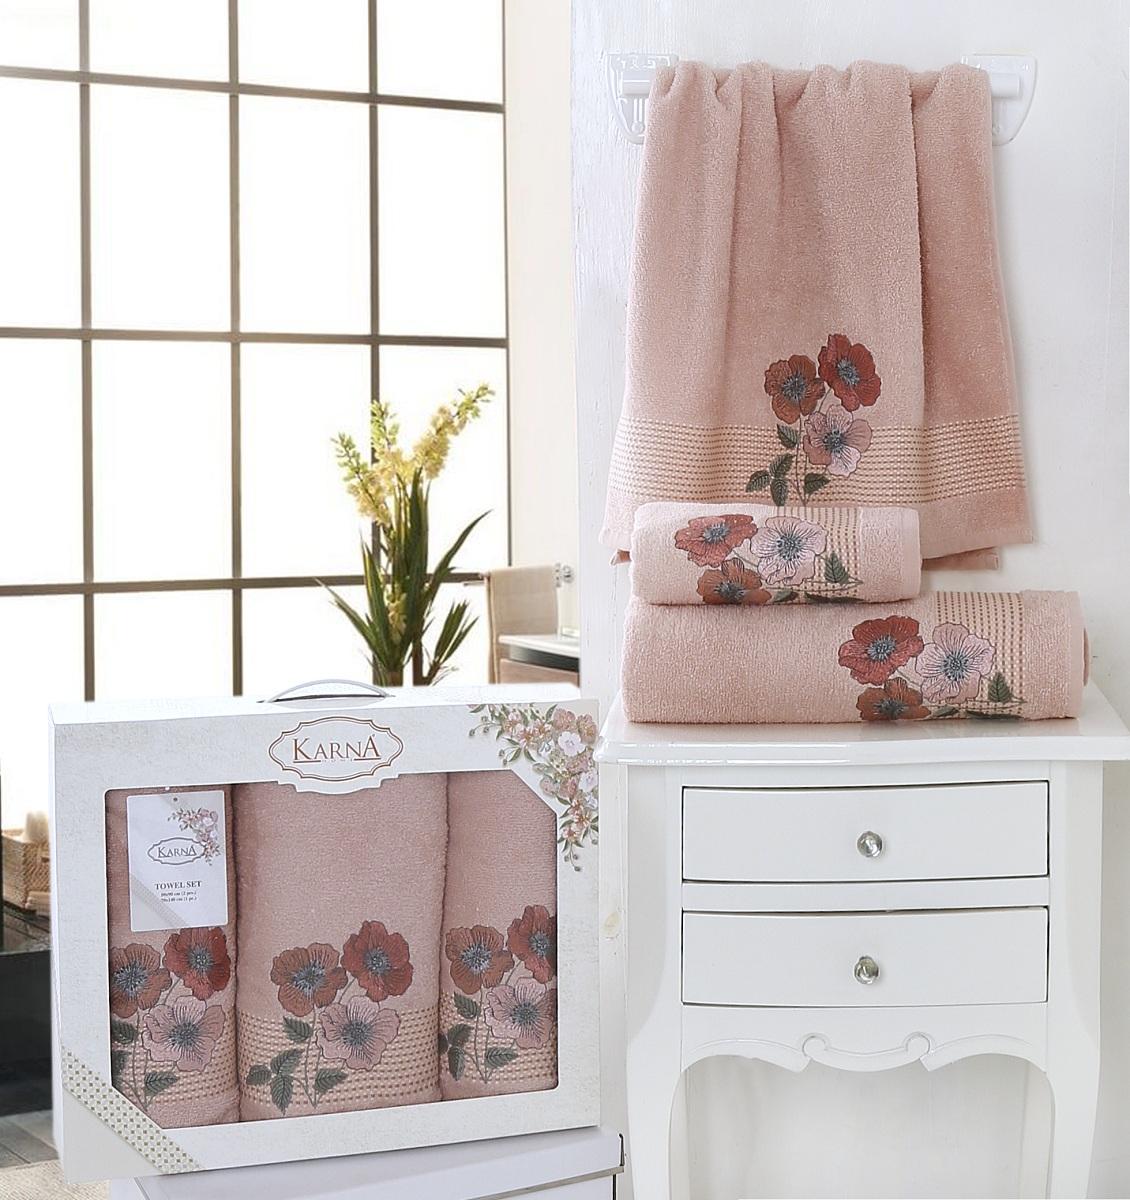 Купить Полотенца Karna, Полотенце Sandy Цвет: Пудра (Набор), Турция, Персиковый, Махра